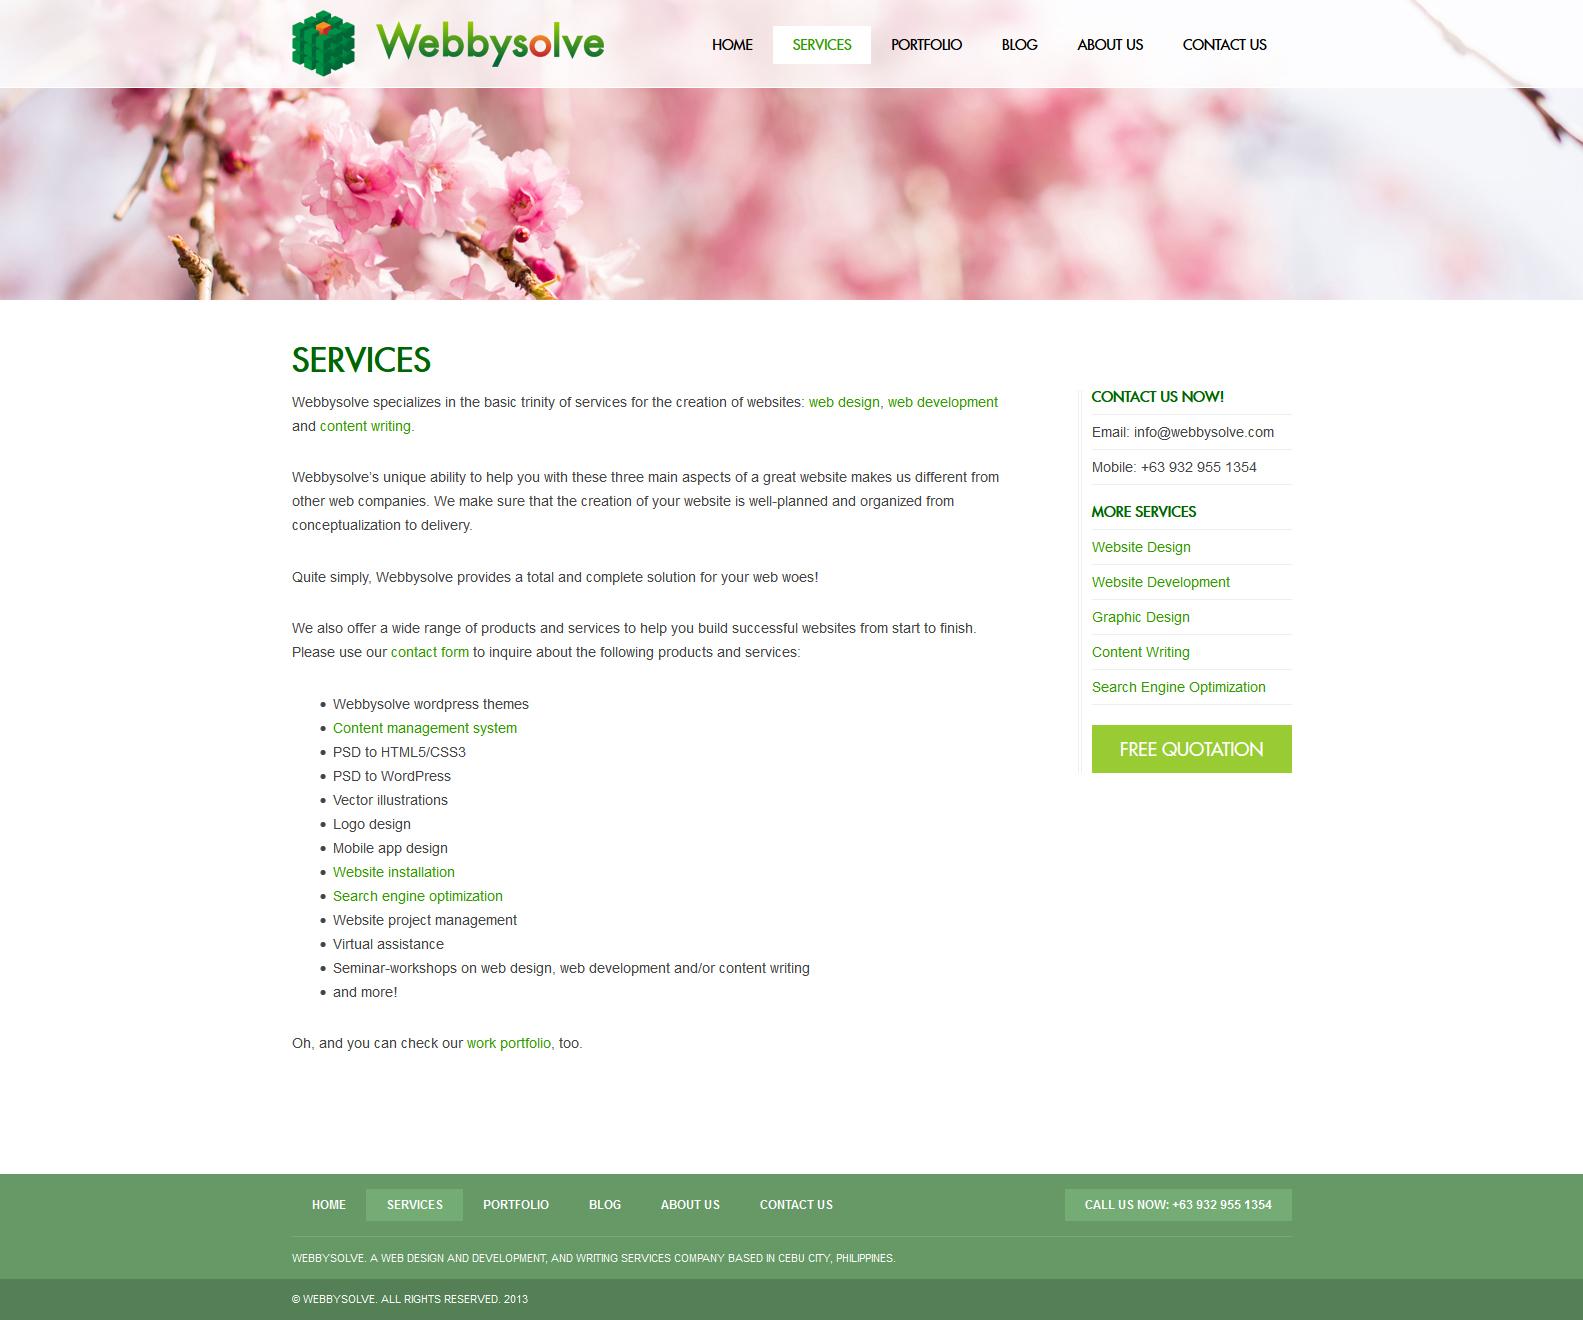 Webbysolve - Services